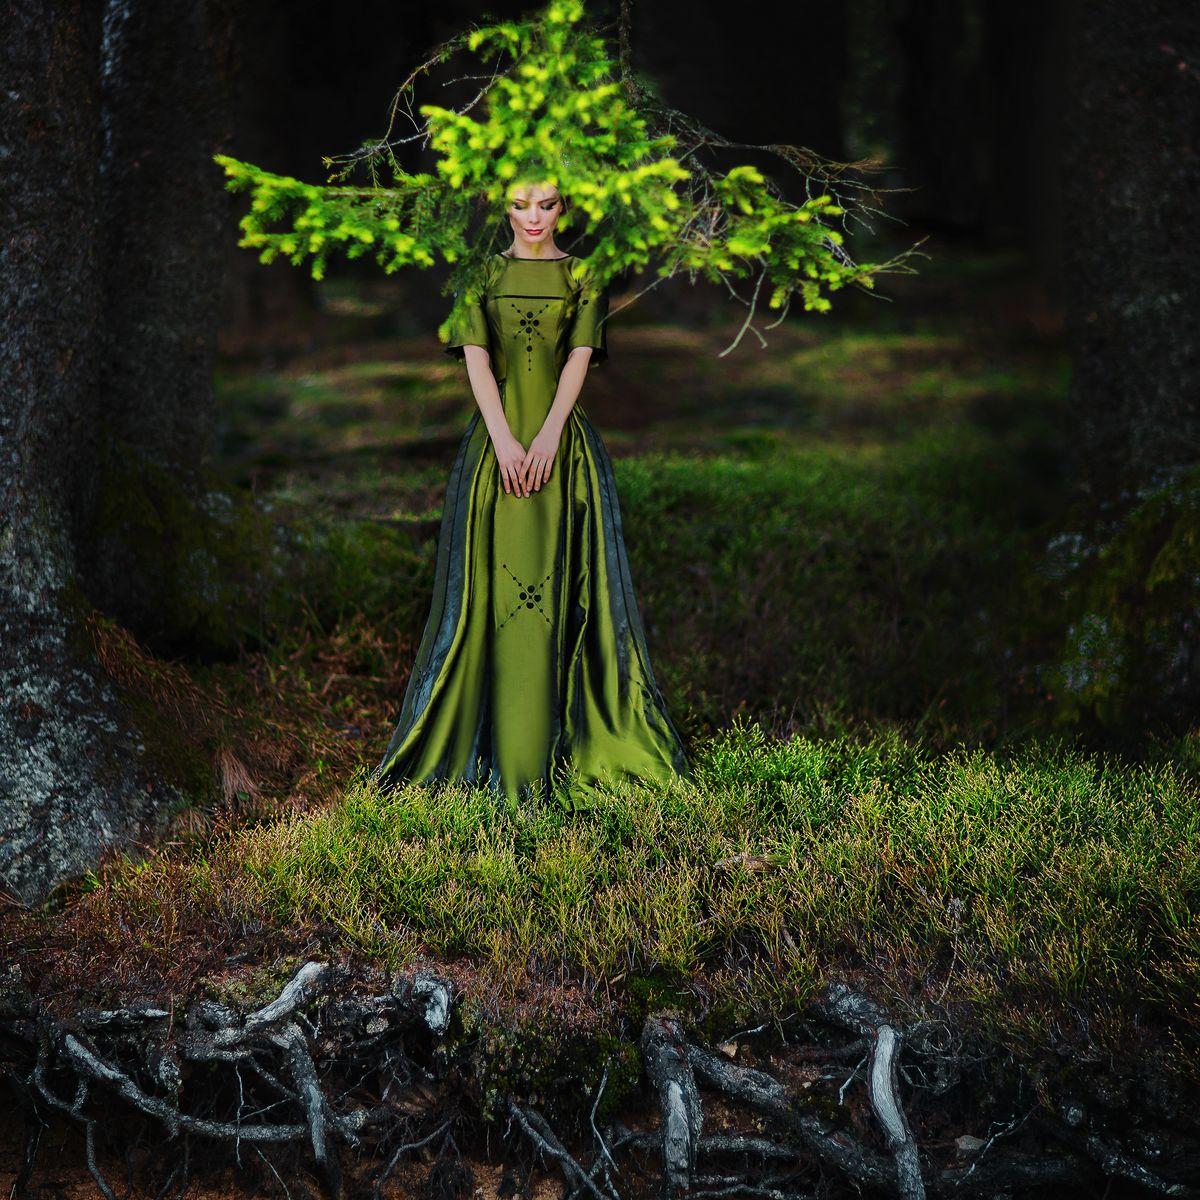 дела фотосессия лесные феи чем отправиться магазин